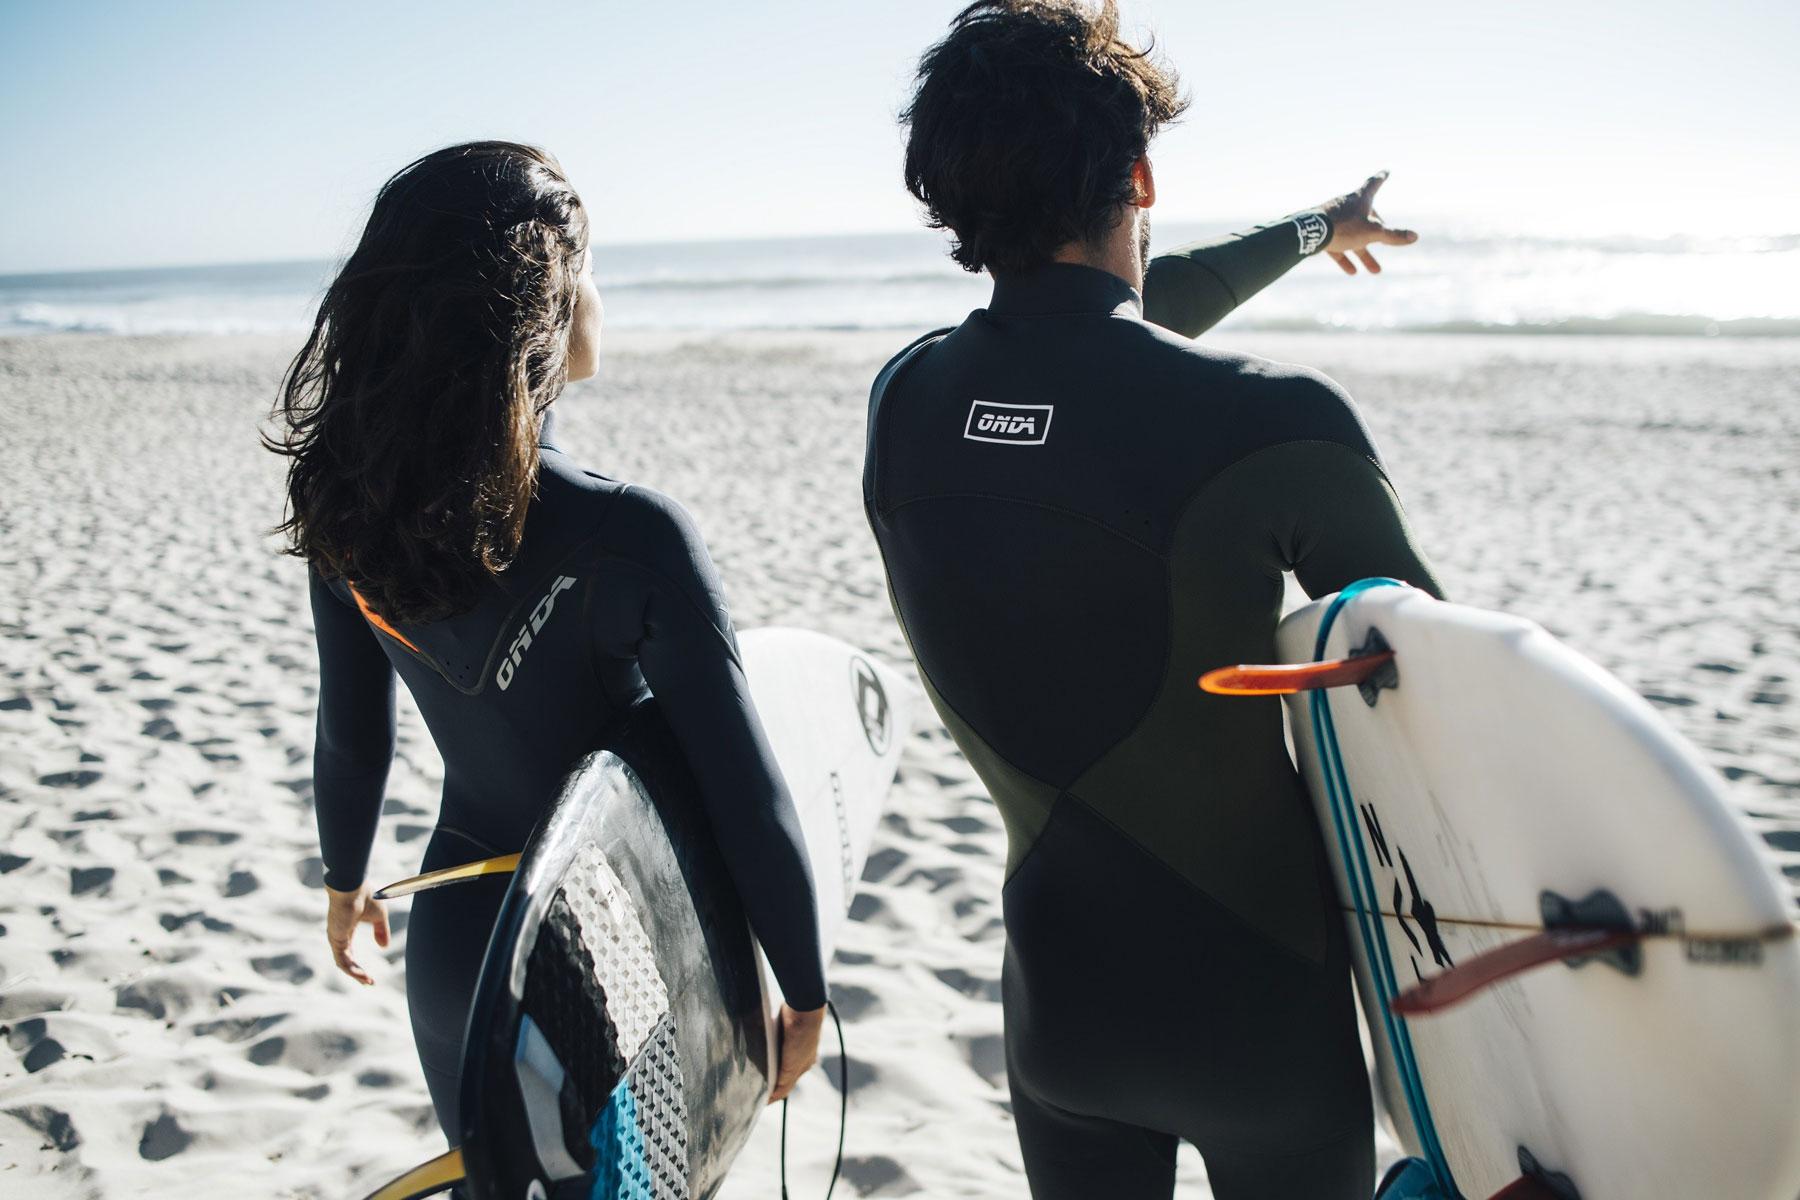 Découvrez les combinaisons de surf Onda Wetsuits